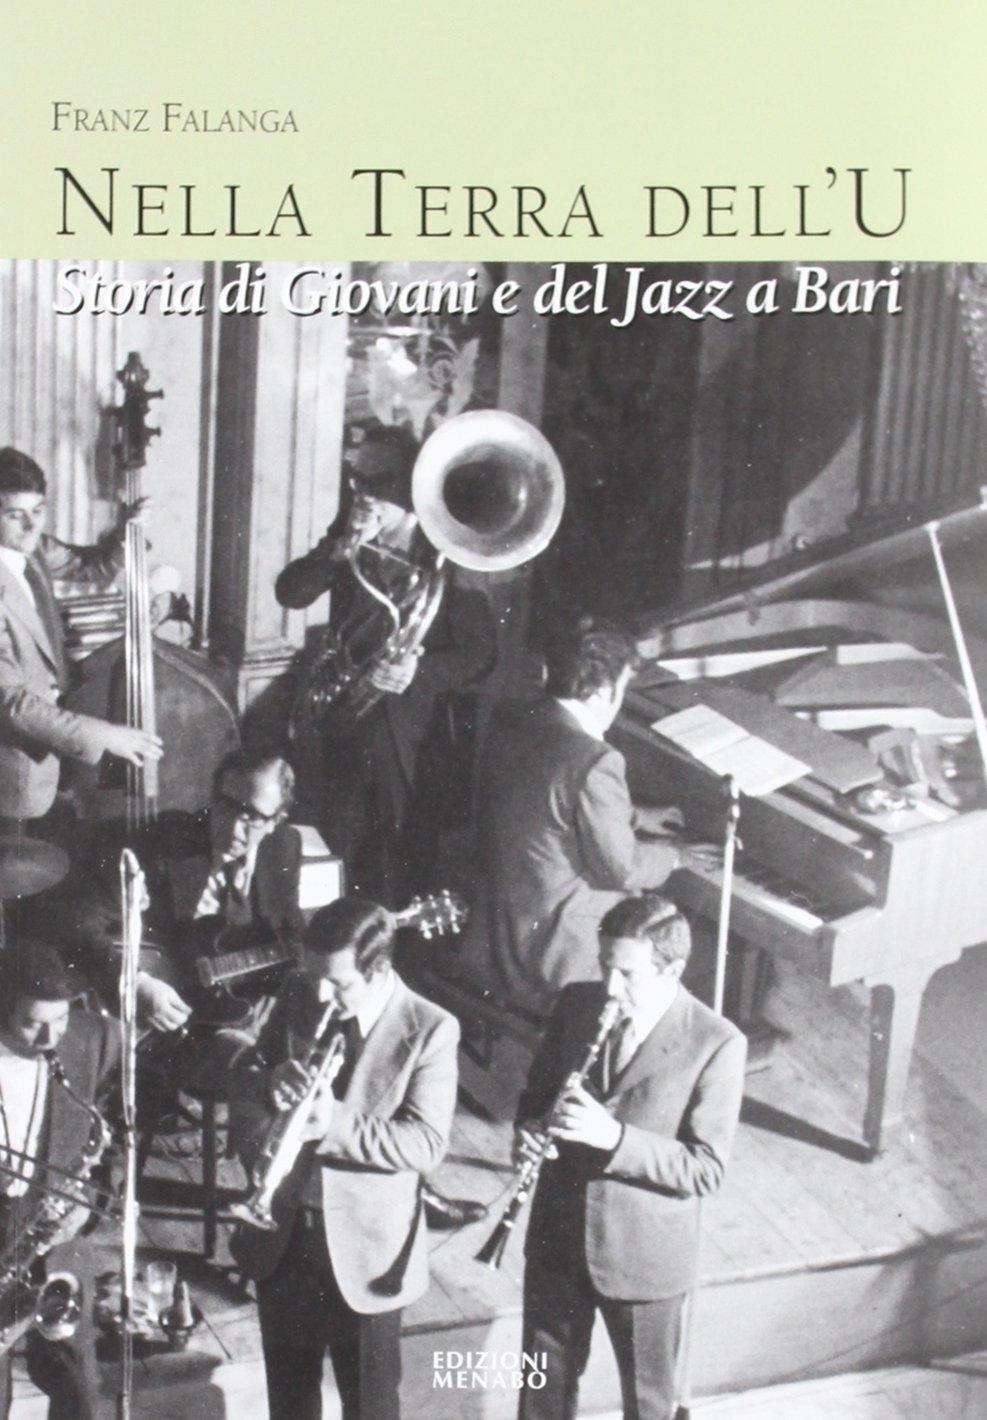 Nella terra dell'u. Storia di giovani e del jazz a Bari.